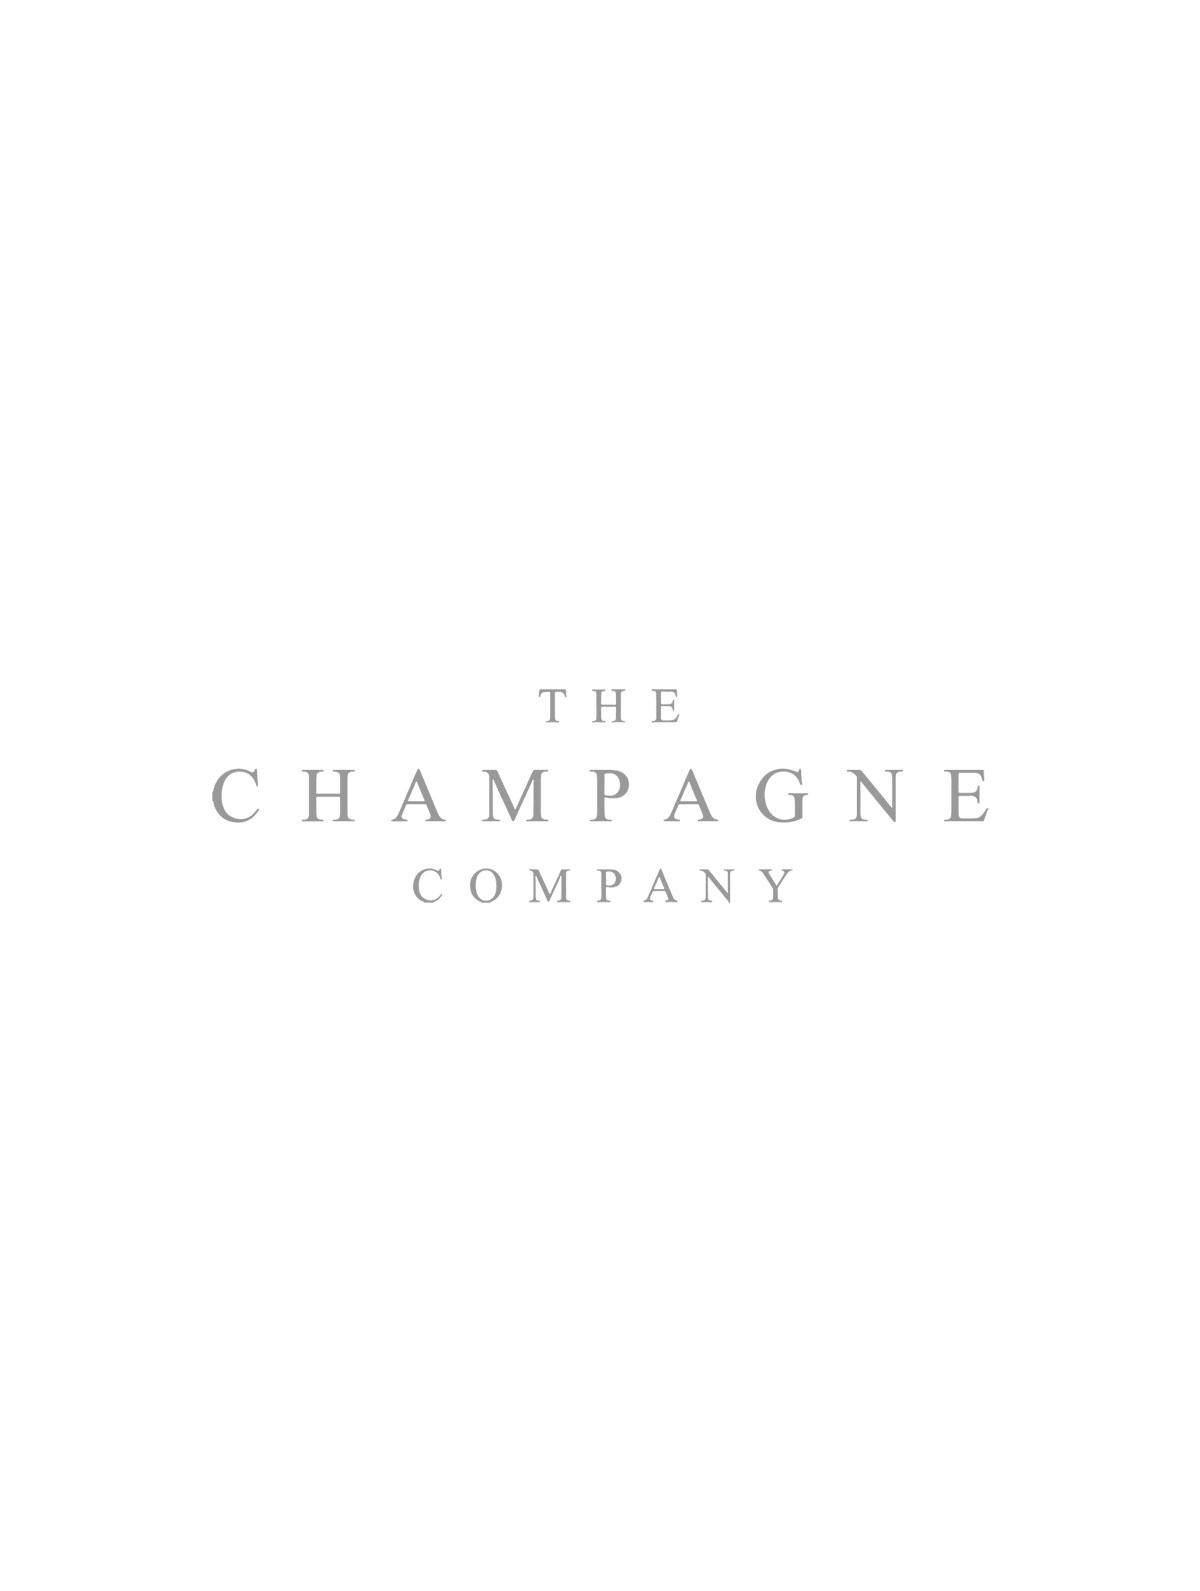 Louis Jadot Savigny-les-Beaune 1er Cru Les Lavieres 2007 Red Burgundy